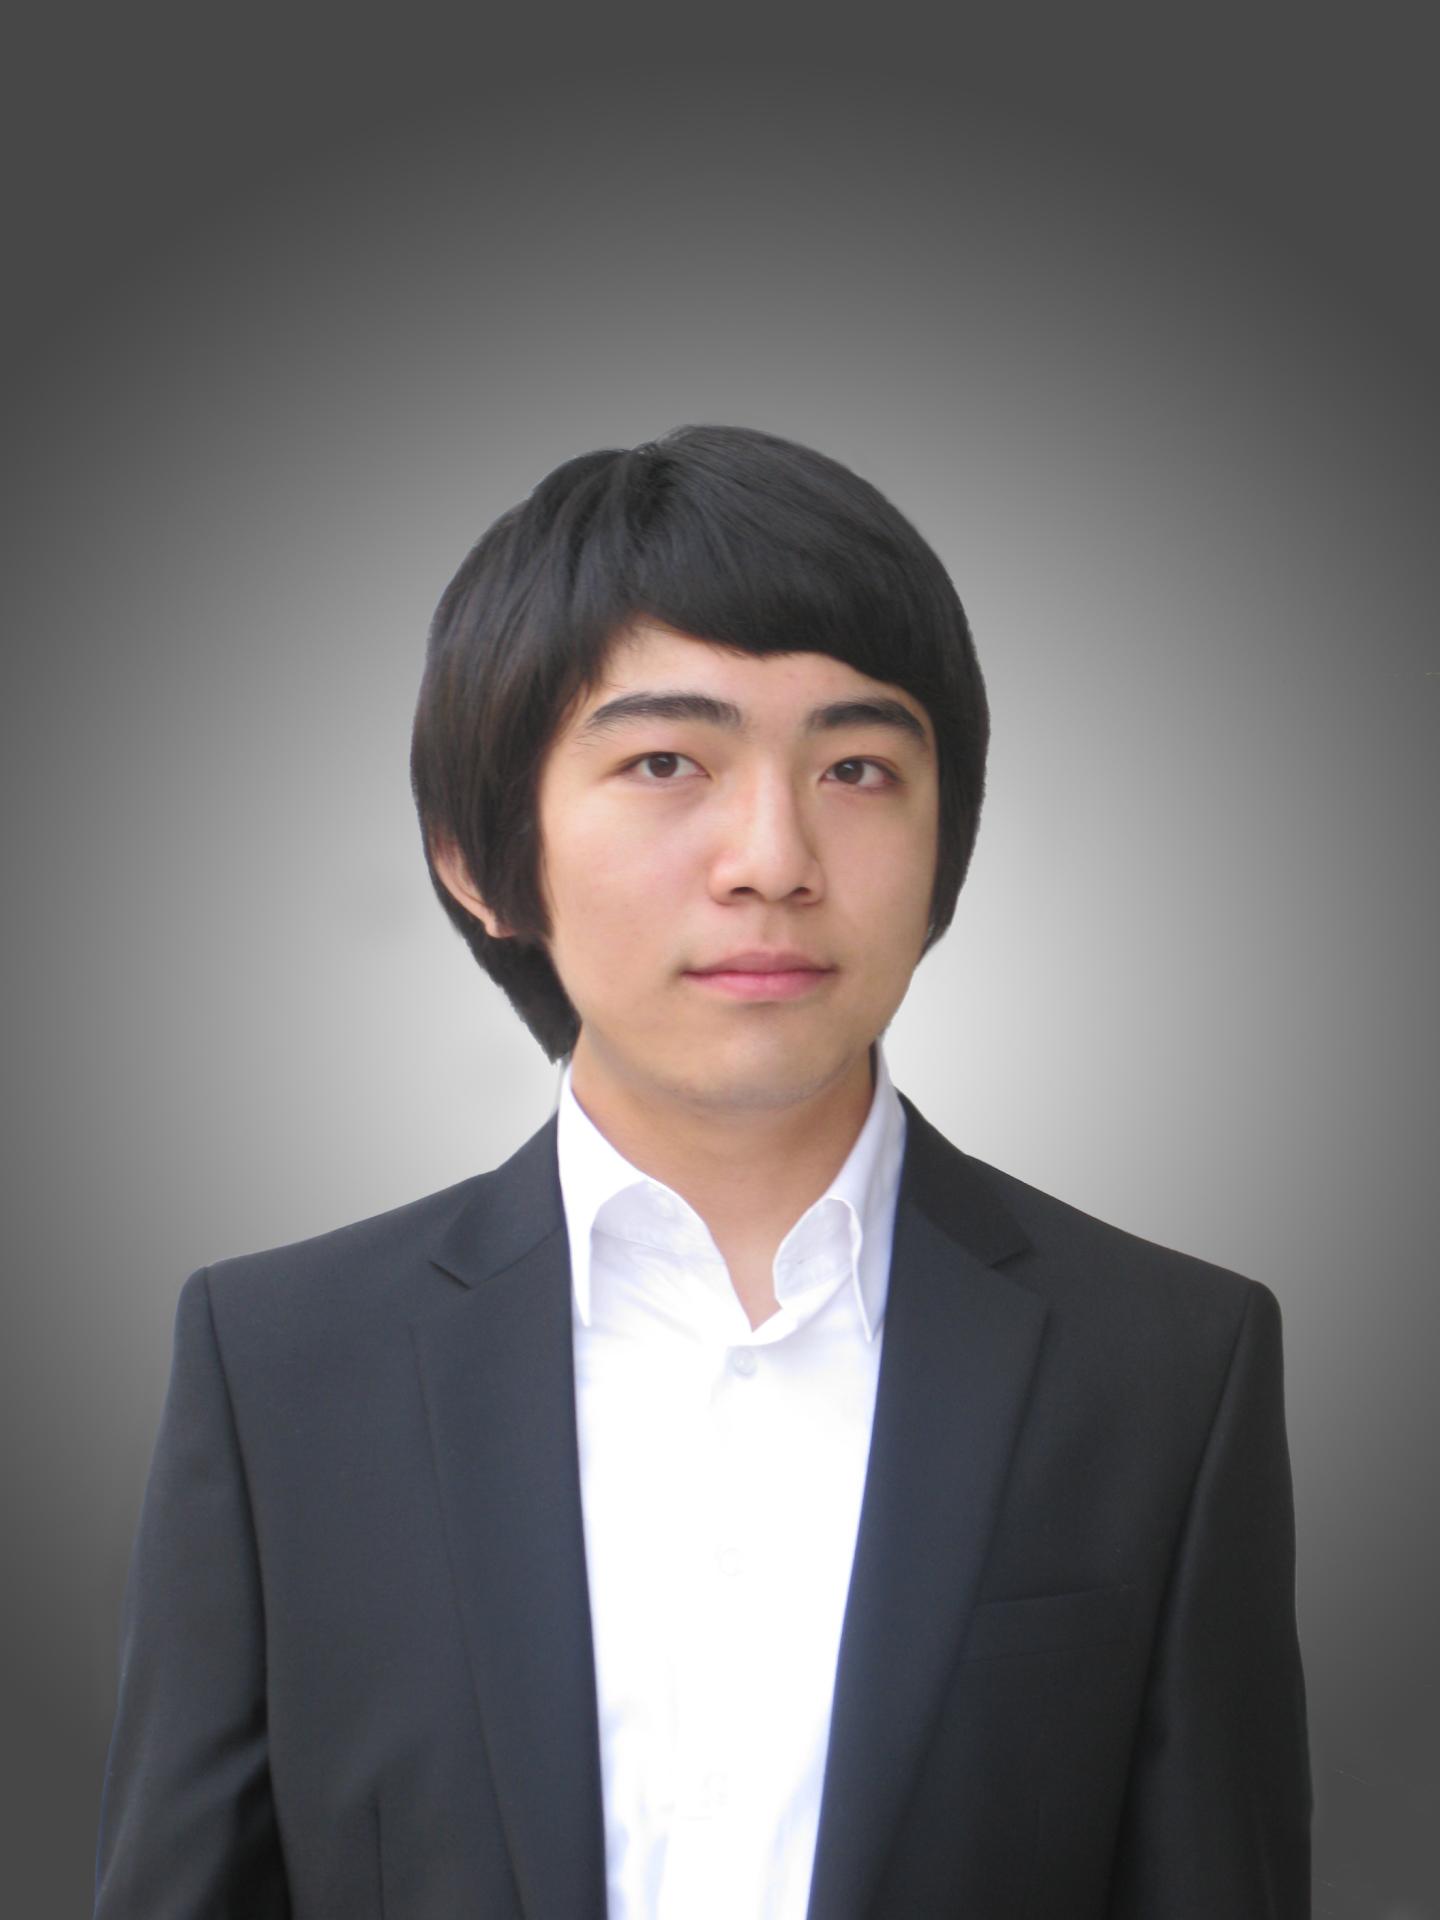 Jin-Hyeon Lee